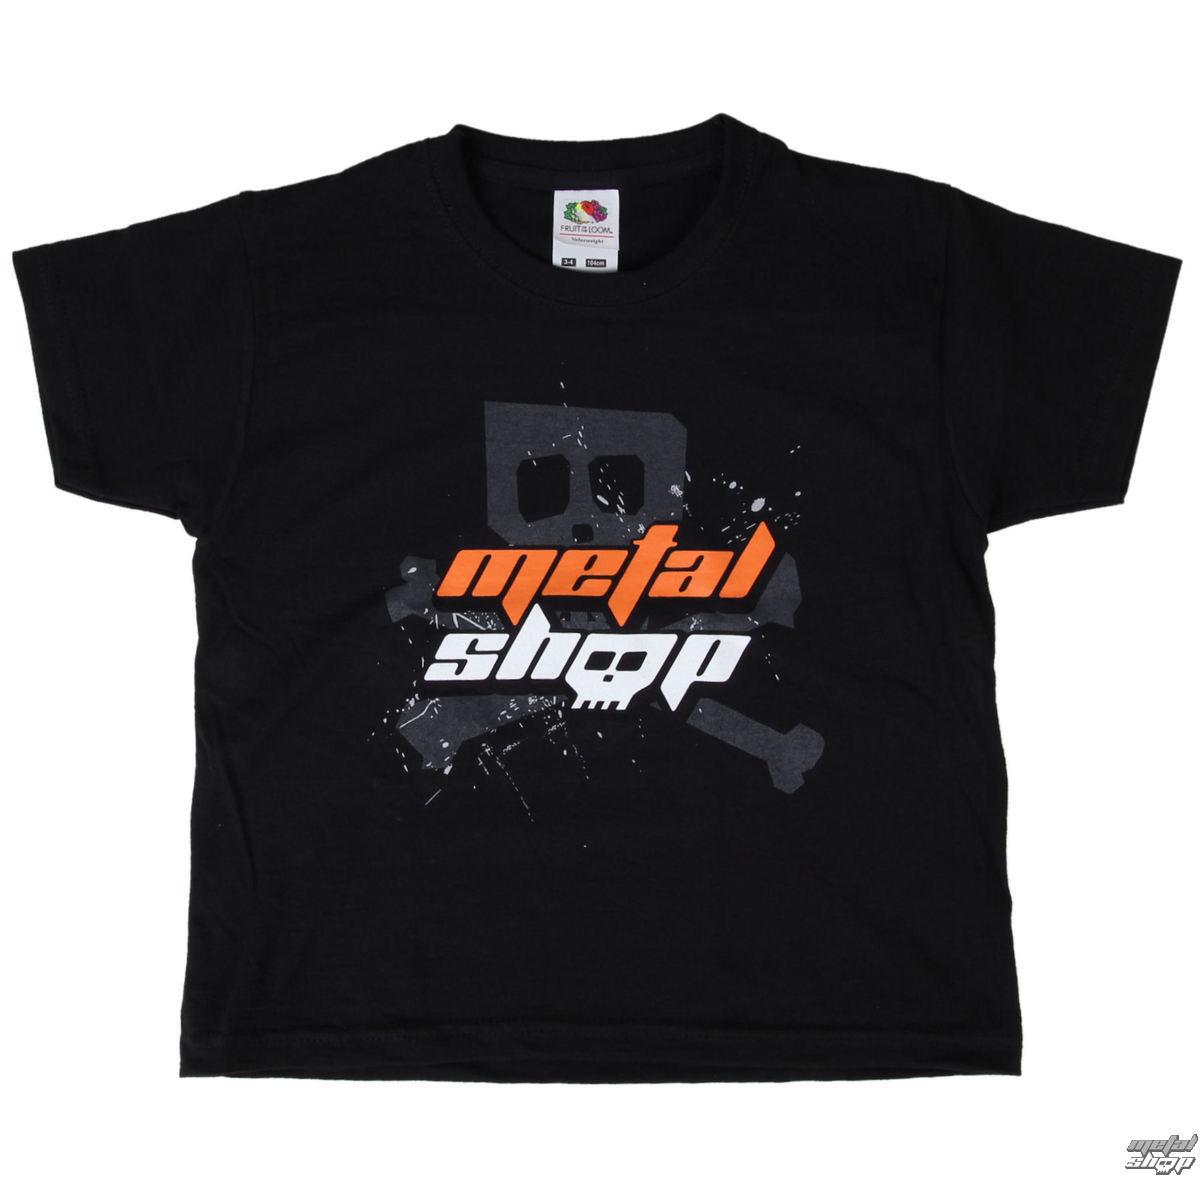 tričko dětské Metalshop - Black - MS016